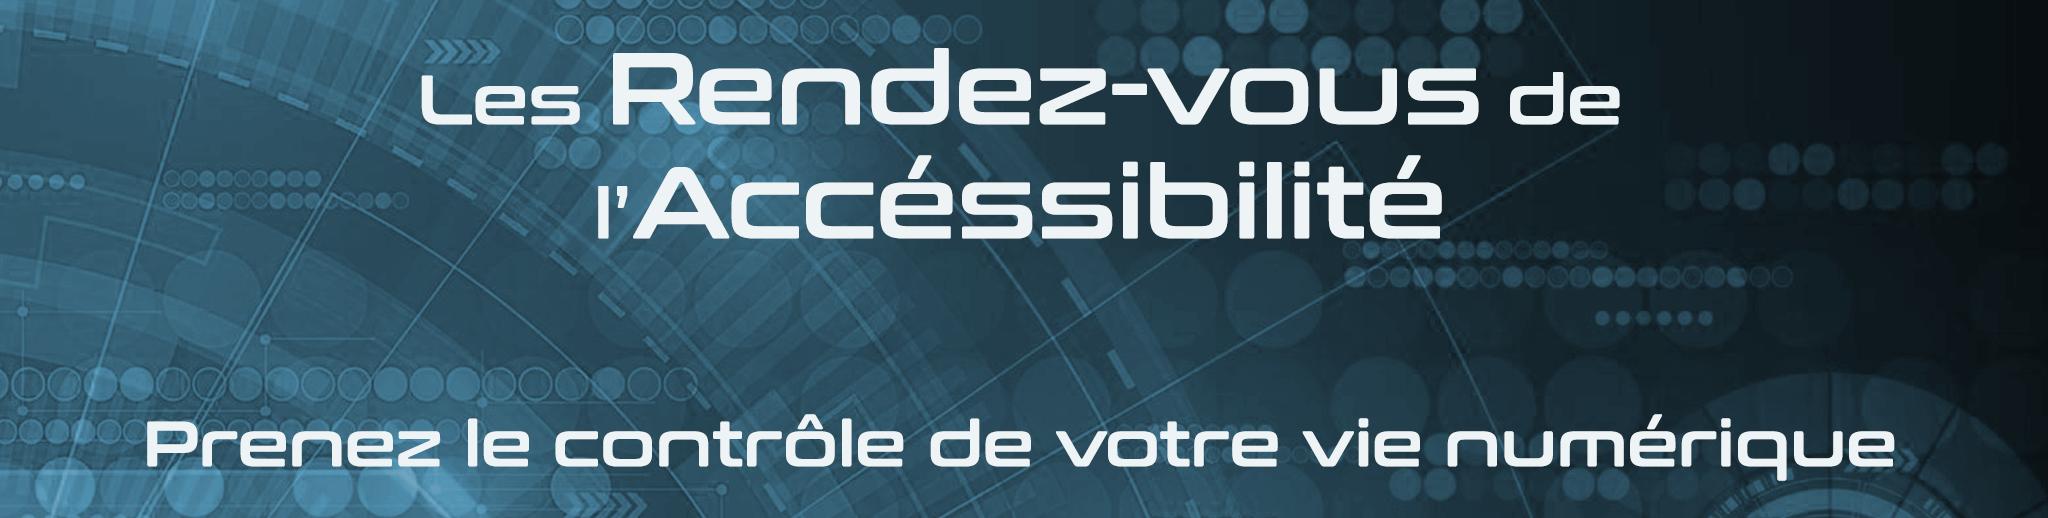 Les Rendez-vous de l'Accessibilité - Fond d'écran